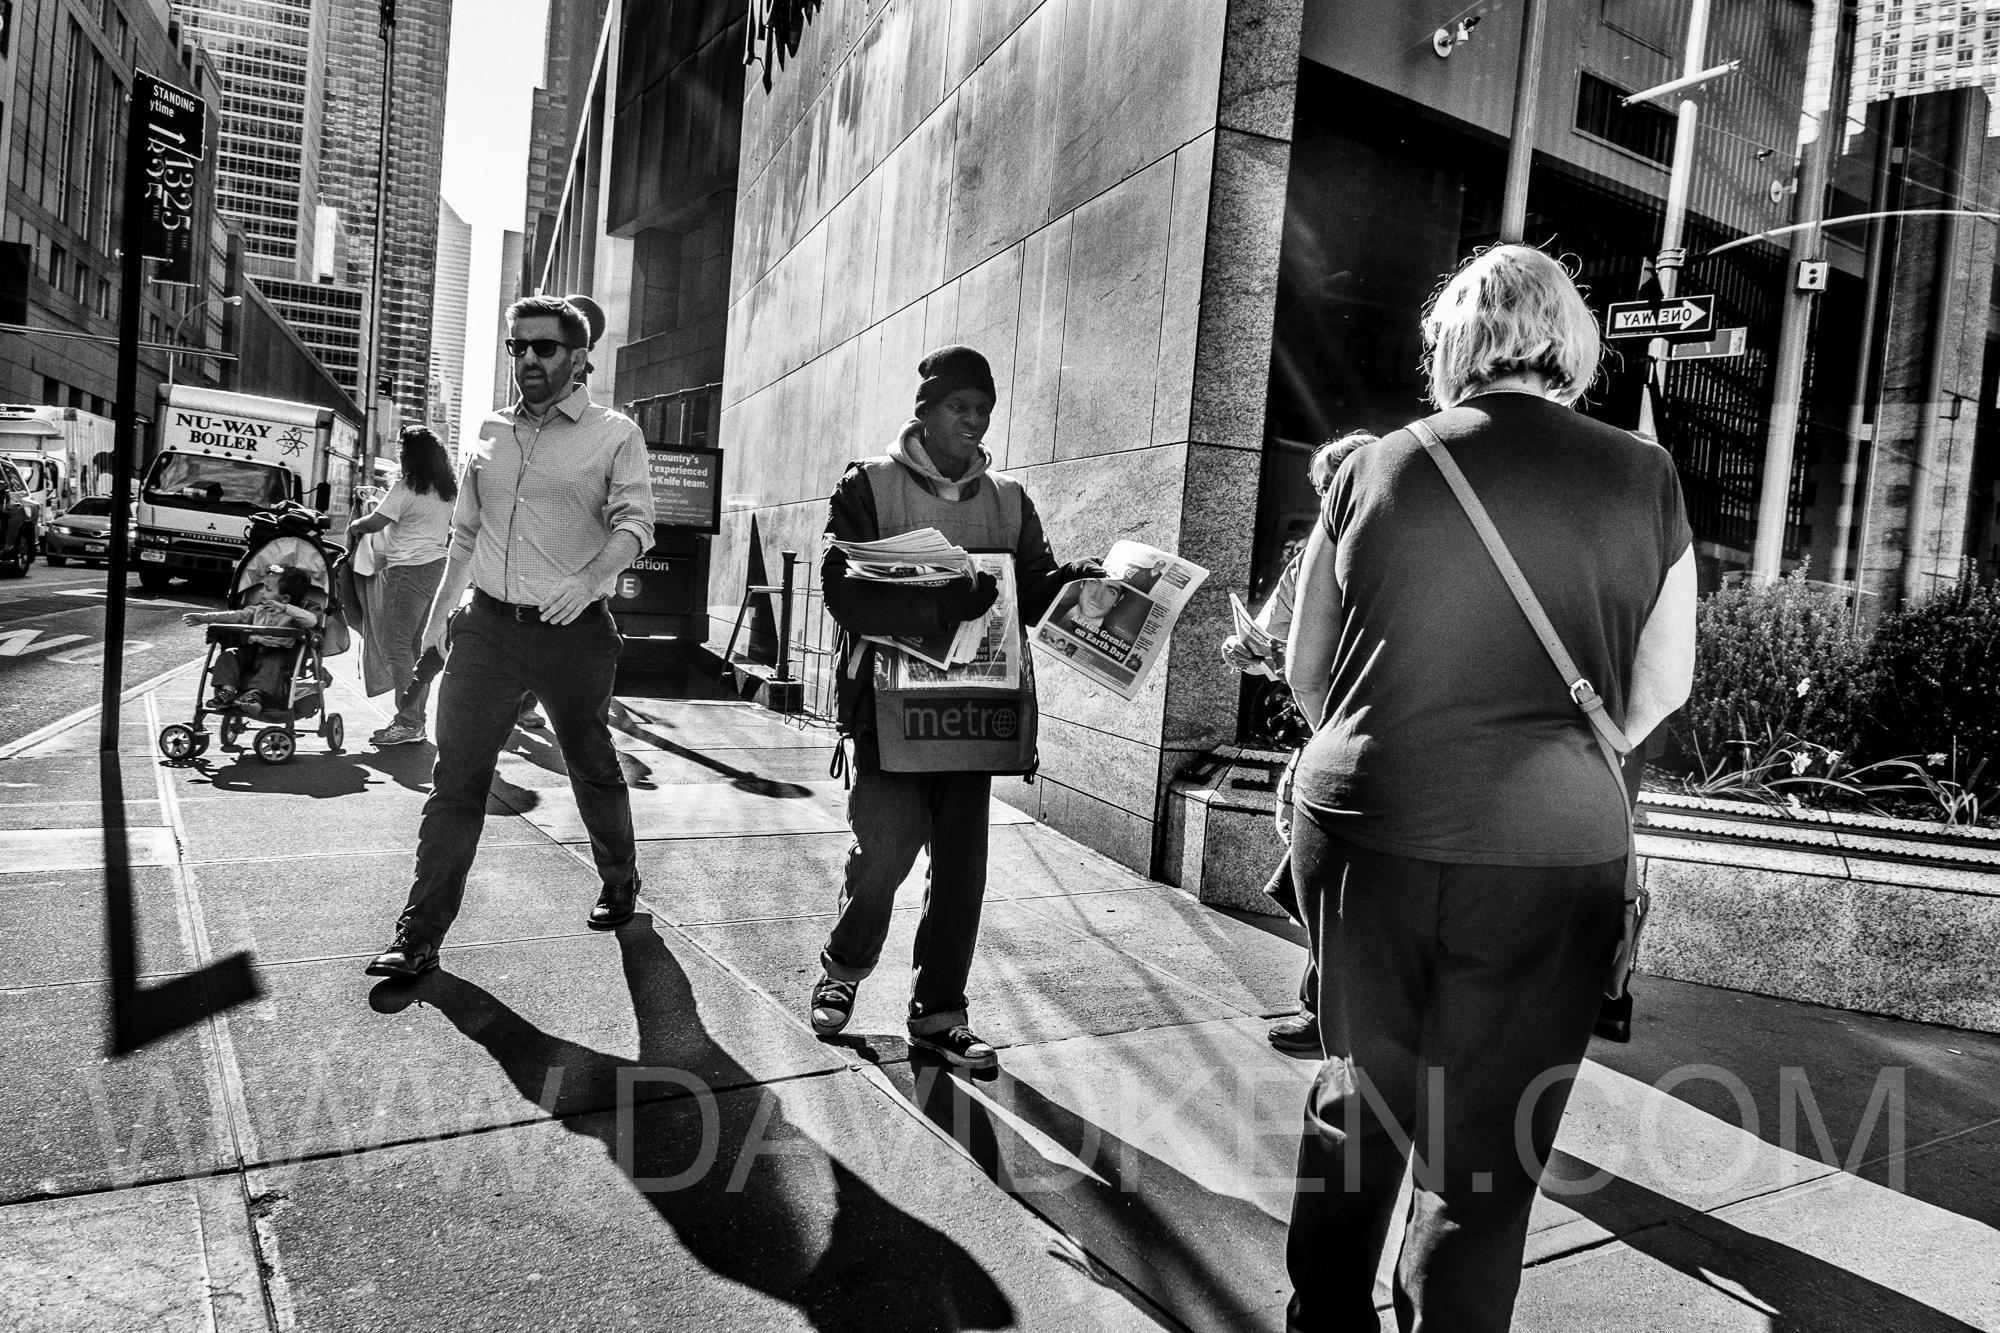 150422_150422_22042015-DSCF4014_EFEXcolor_NYC2015_prise de vue sans titre_NYC2015